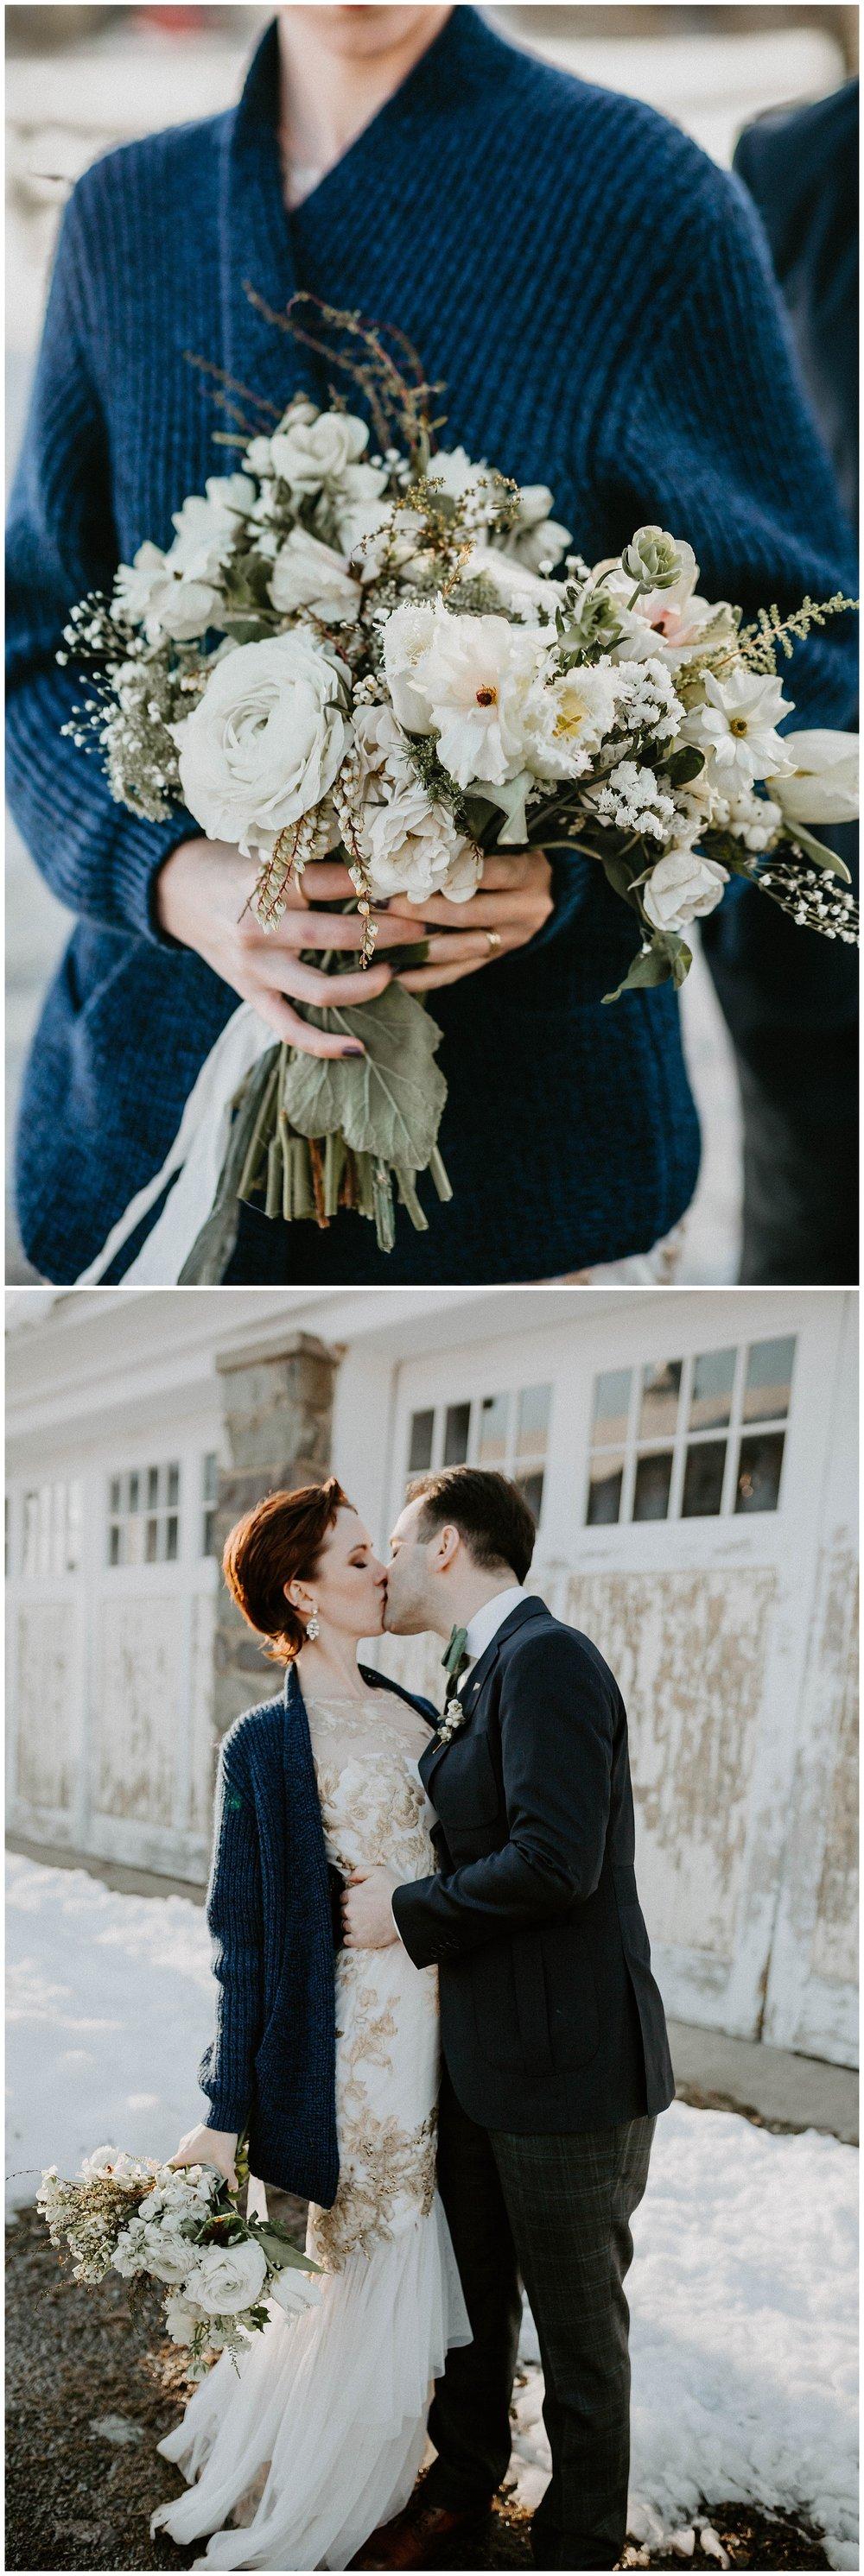 Pocono Winter Wedding with Bride and Groom_0199.jpg